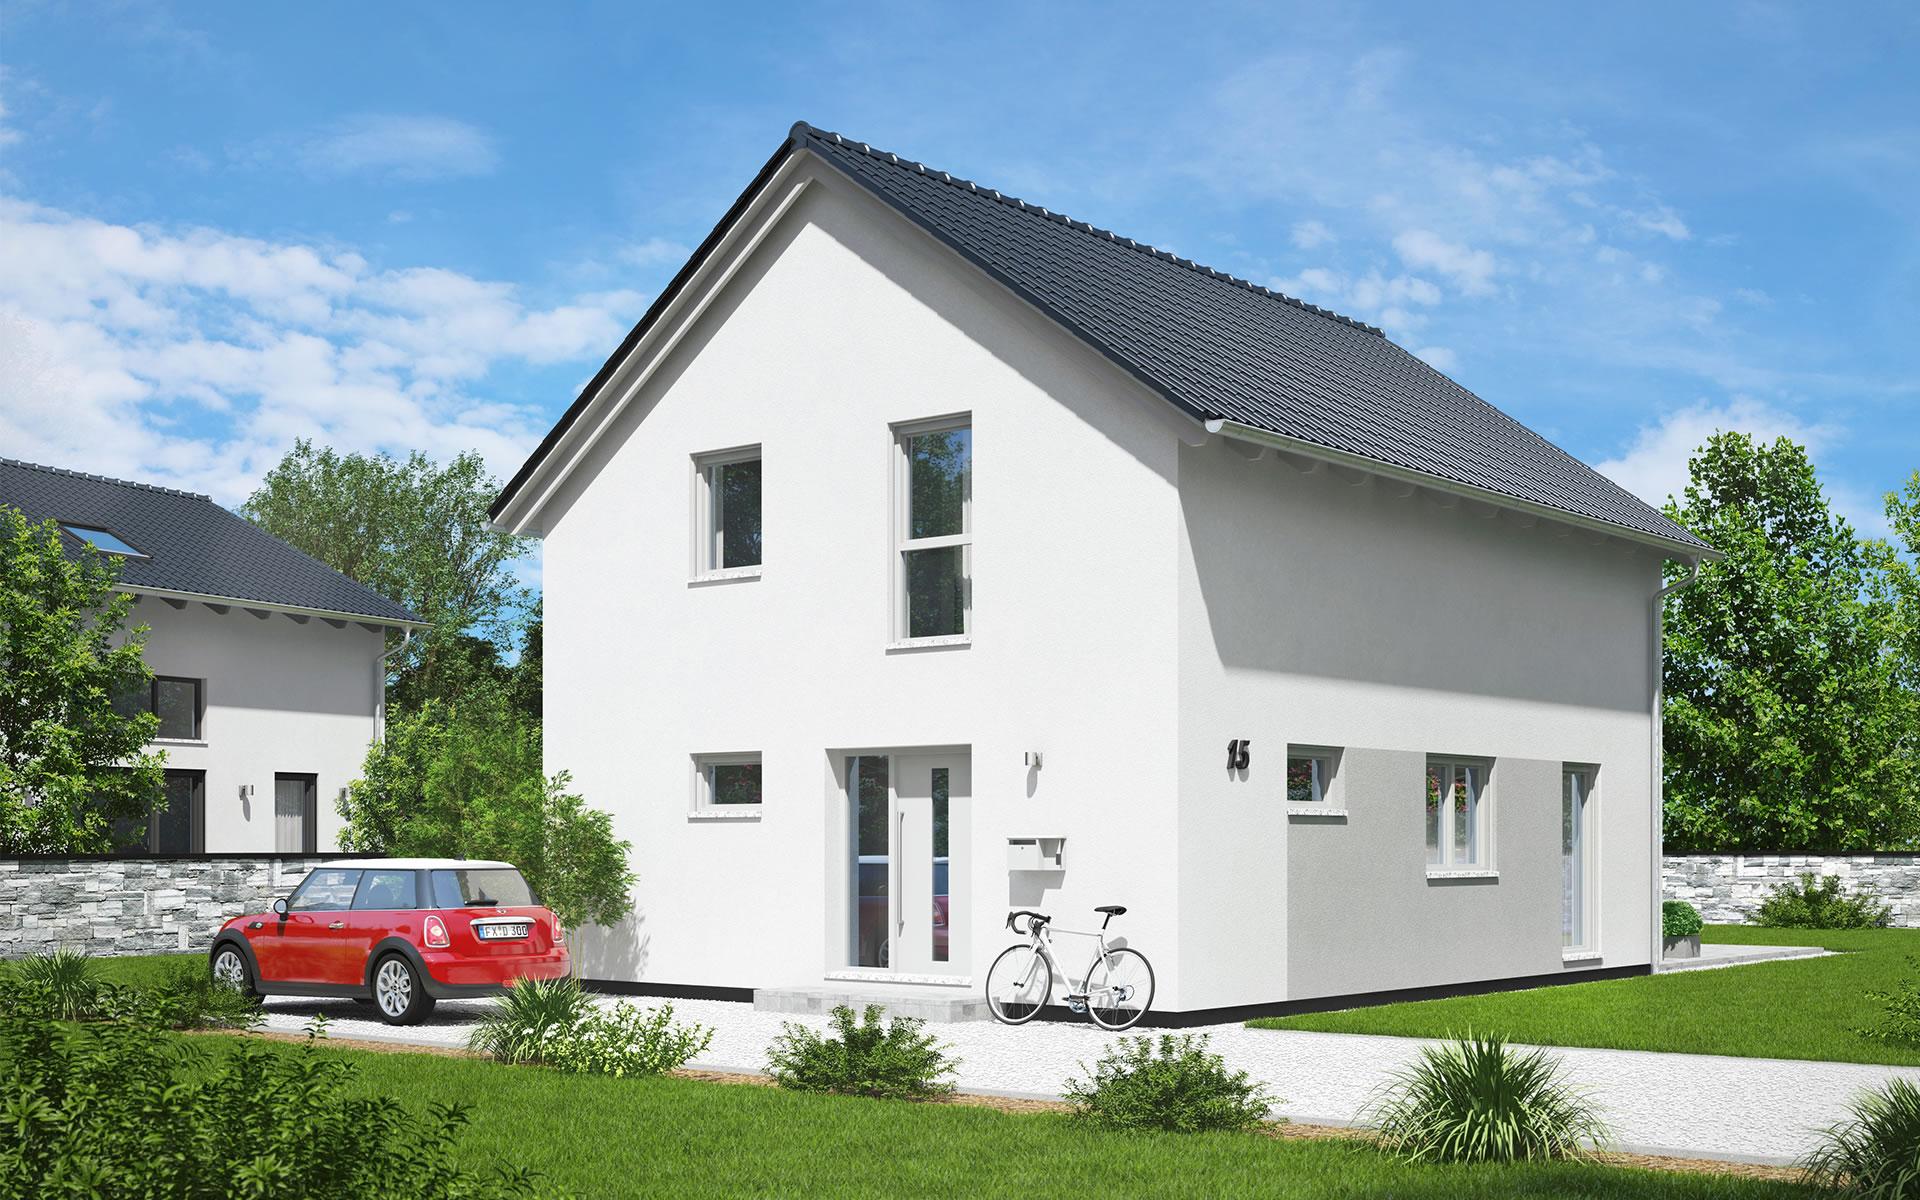 Paris von Fingerhut Haus GmbH & Co. KG